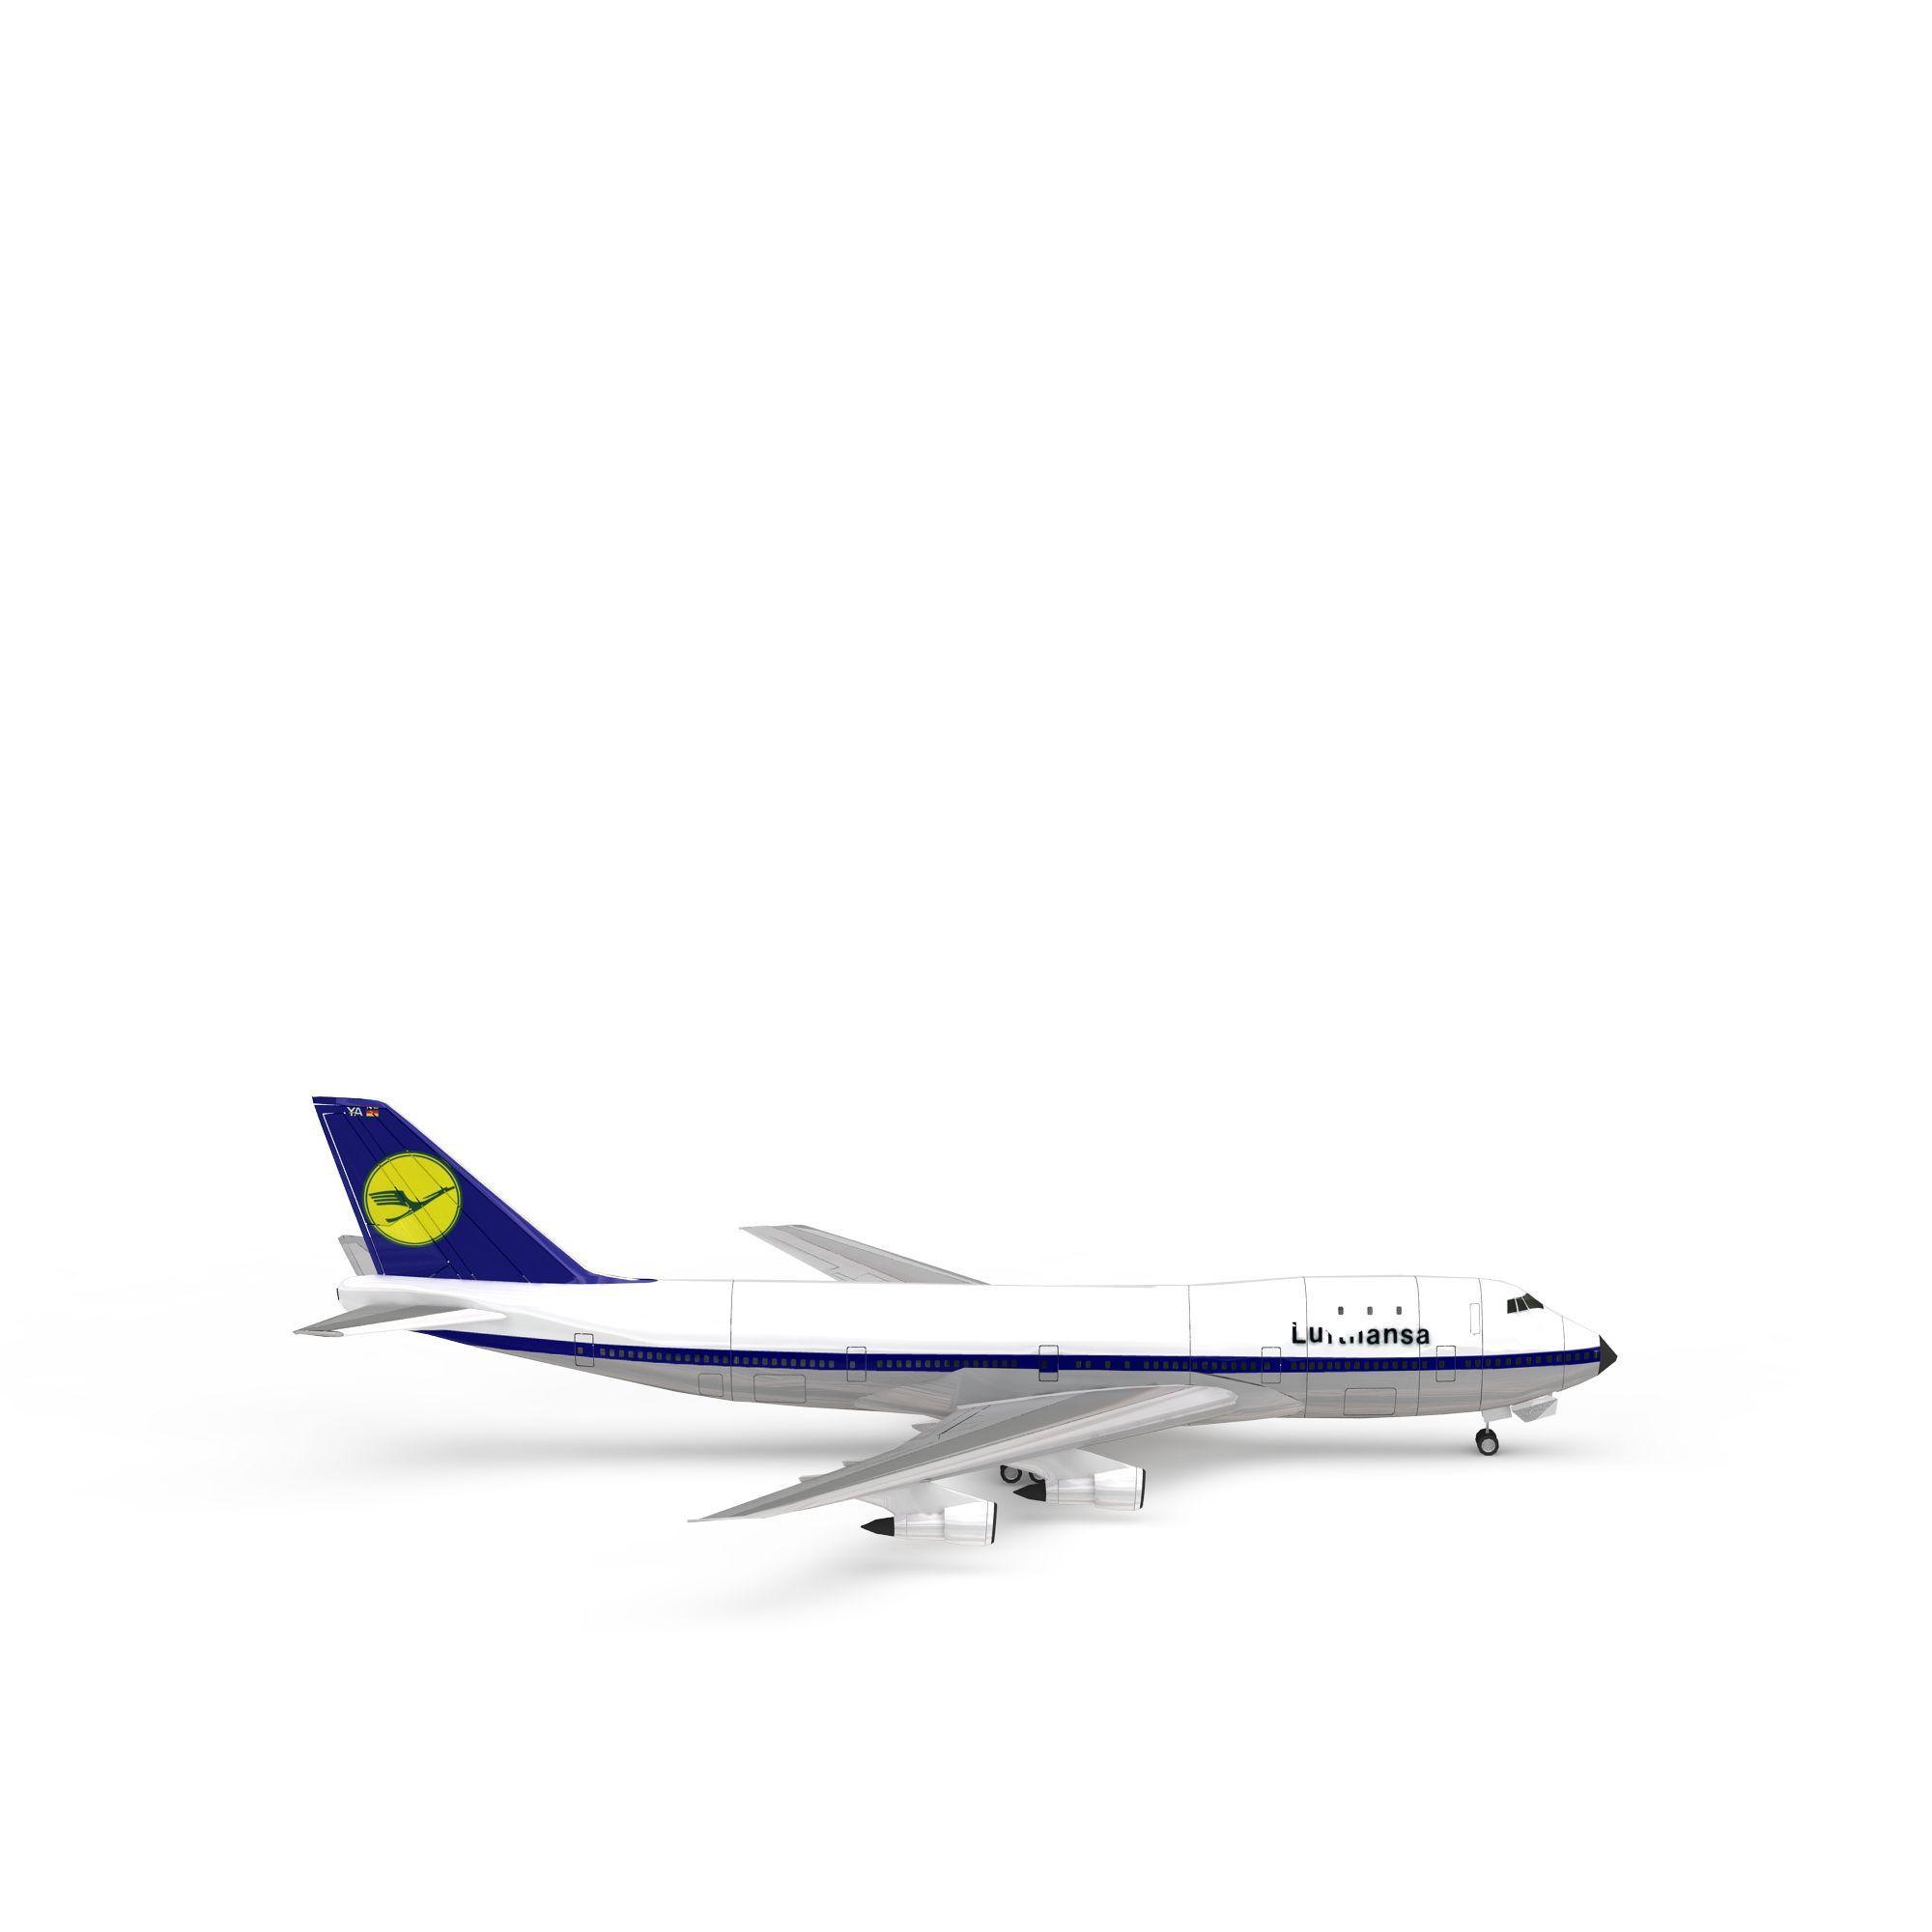 波音747图片_波音747png图片素材_波音747png高清图